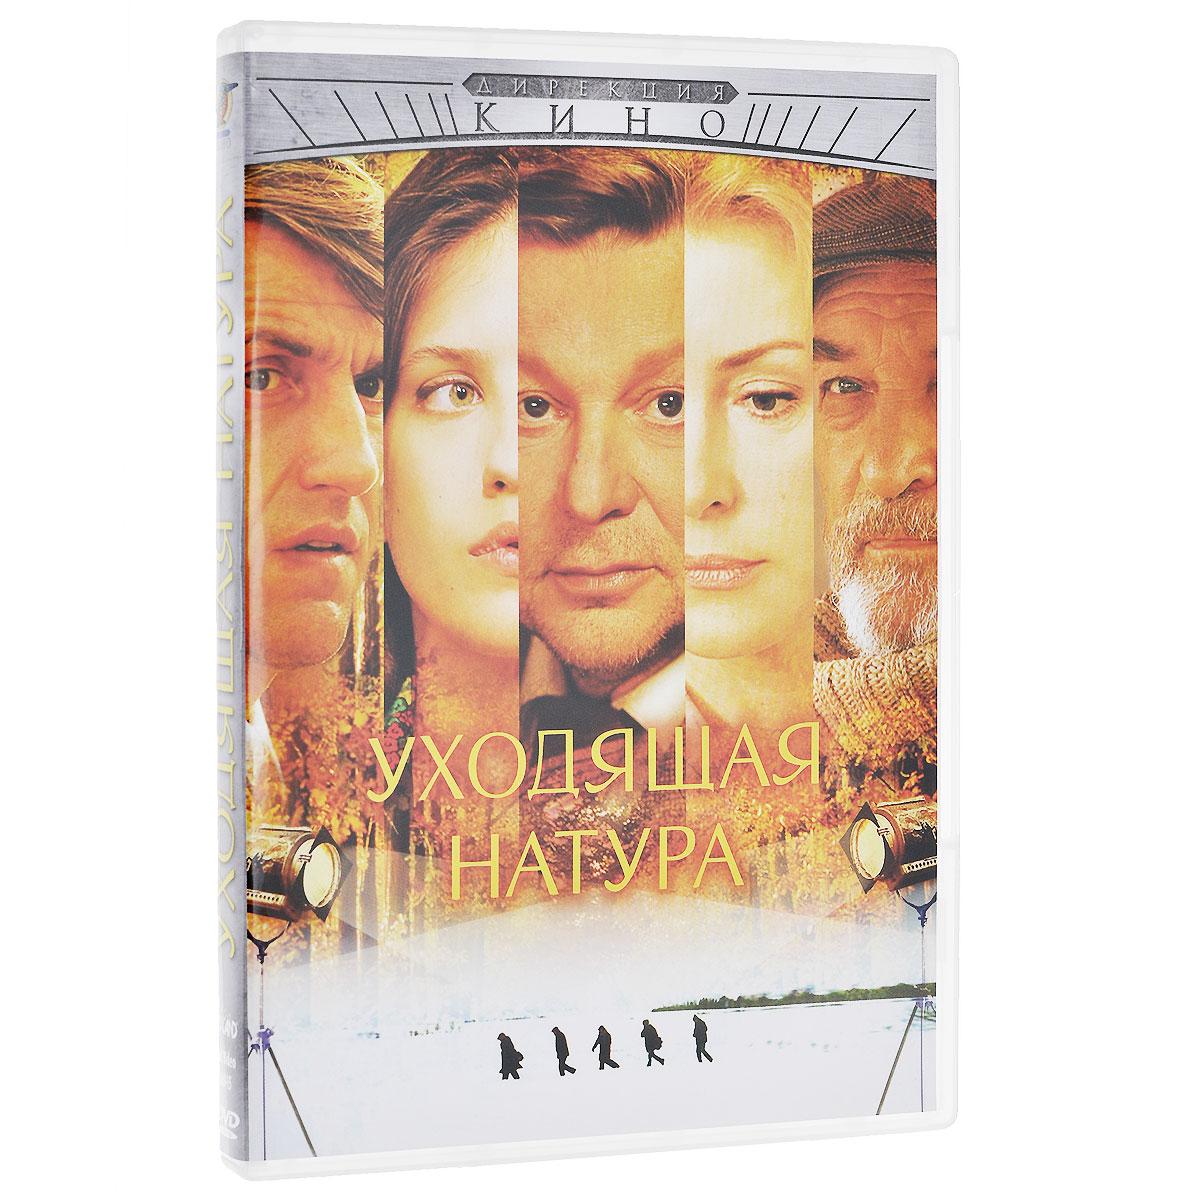 Уходящая натура, серии 1-8 (2 DVD)